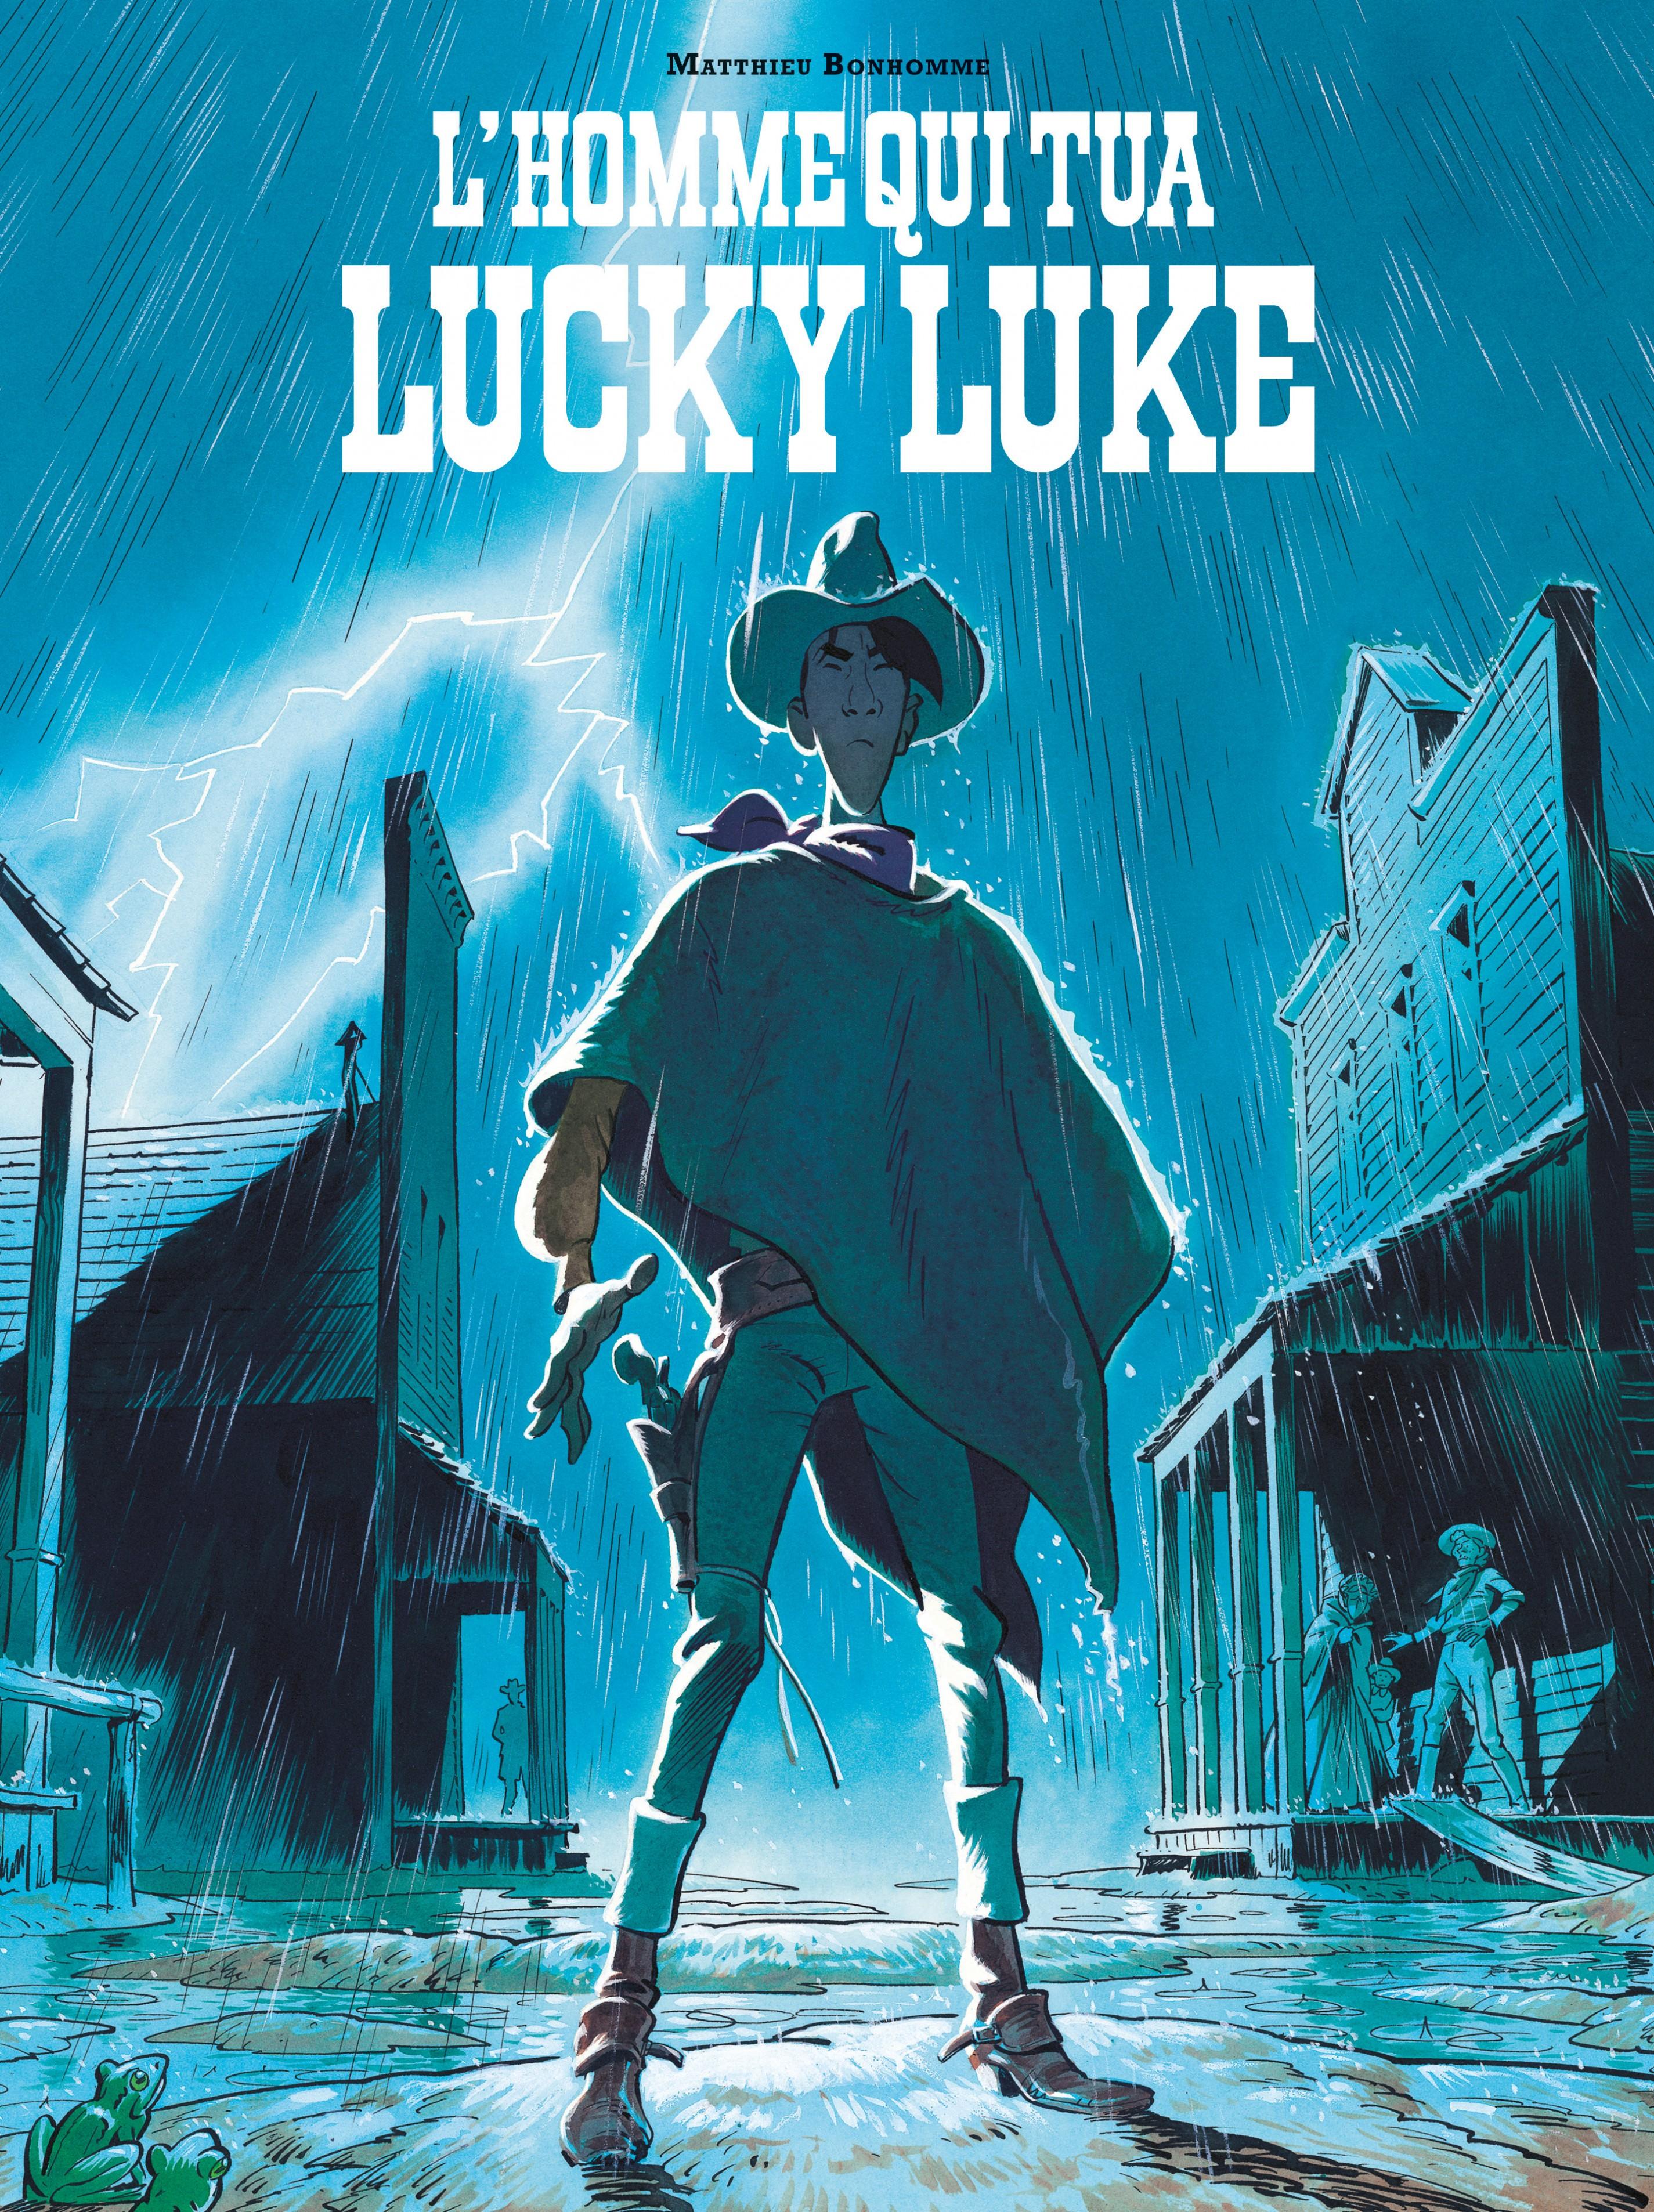 Couverture : L'homme qui tua Lucky Luke Matthieu Bonhomme